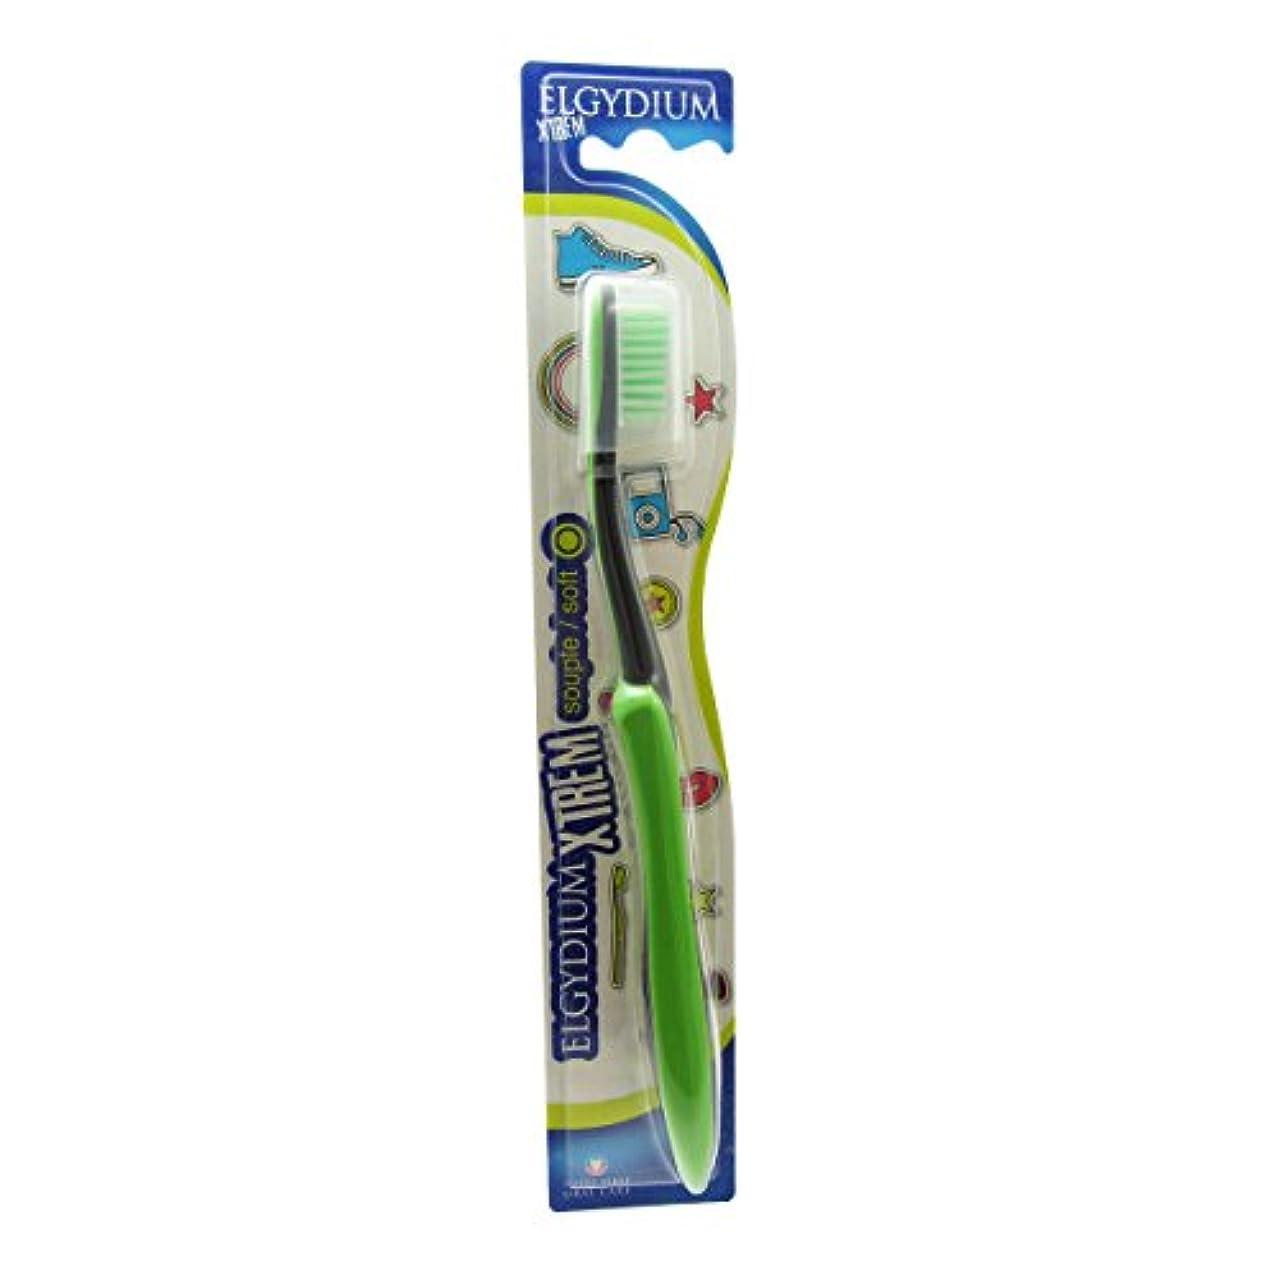 流星悔い改める遠近法Elgydium Xtrem Toothbrush Soft Hardness [並行輸入品]